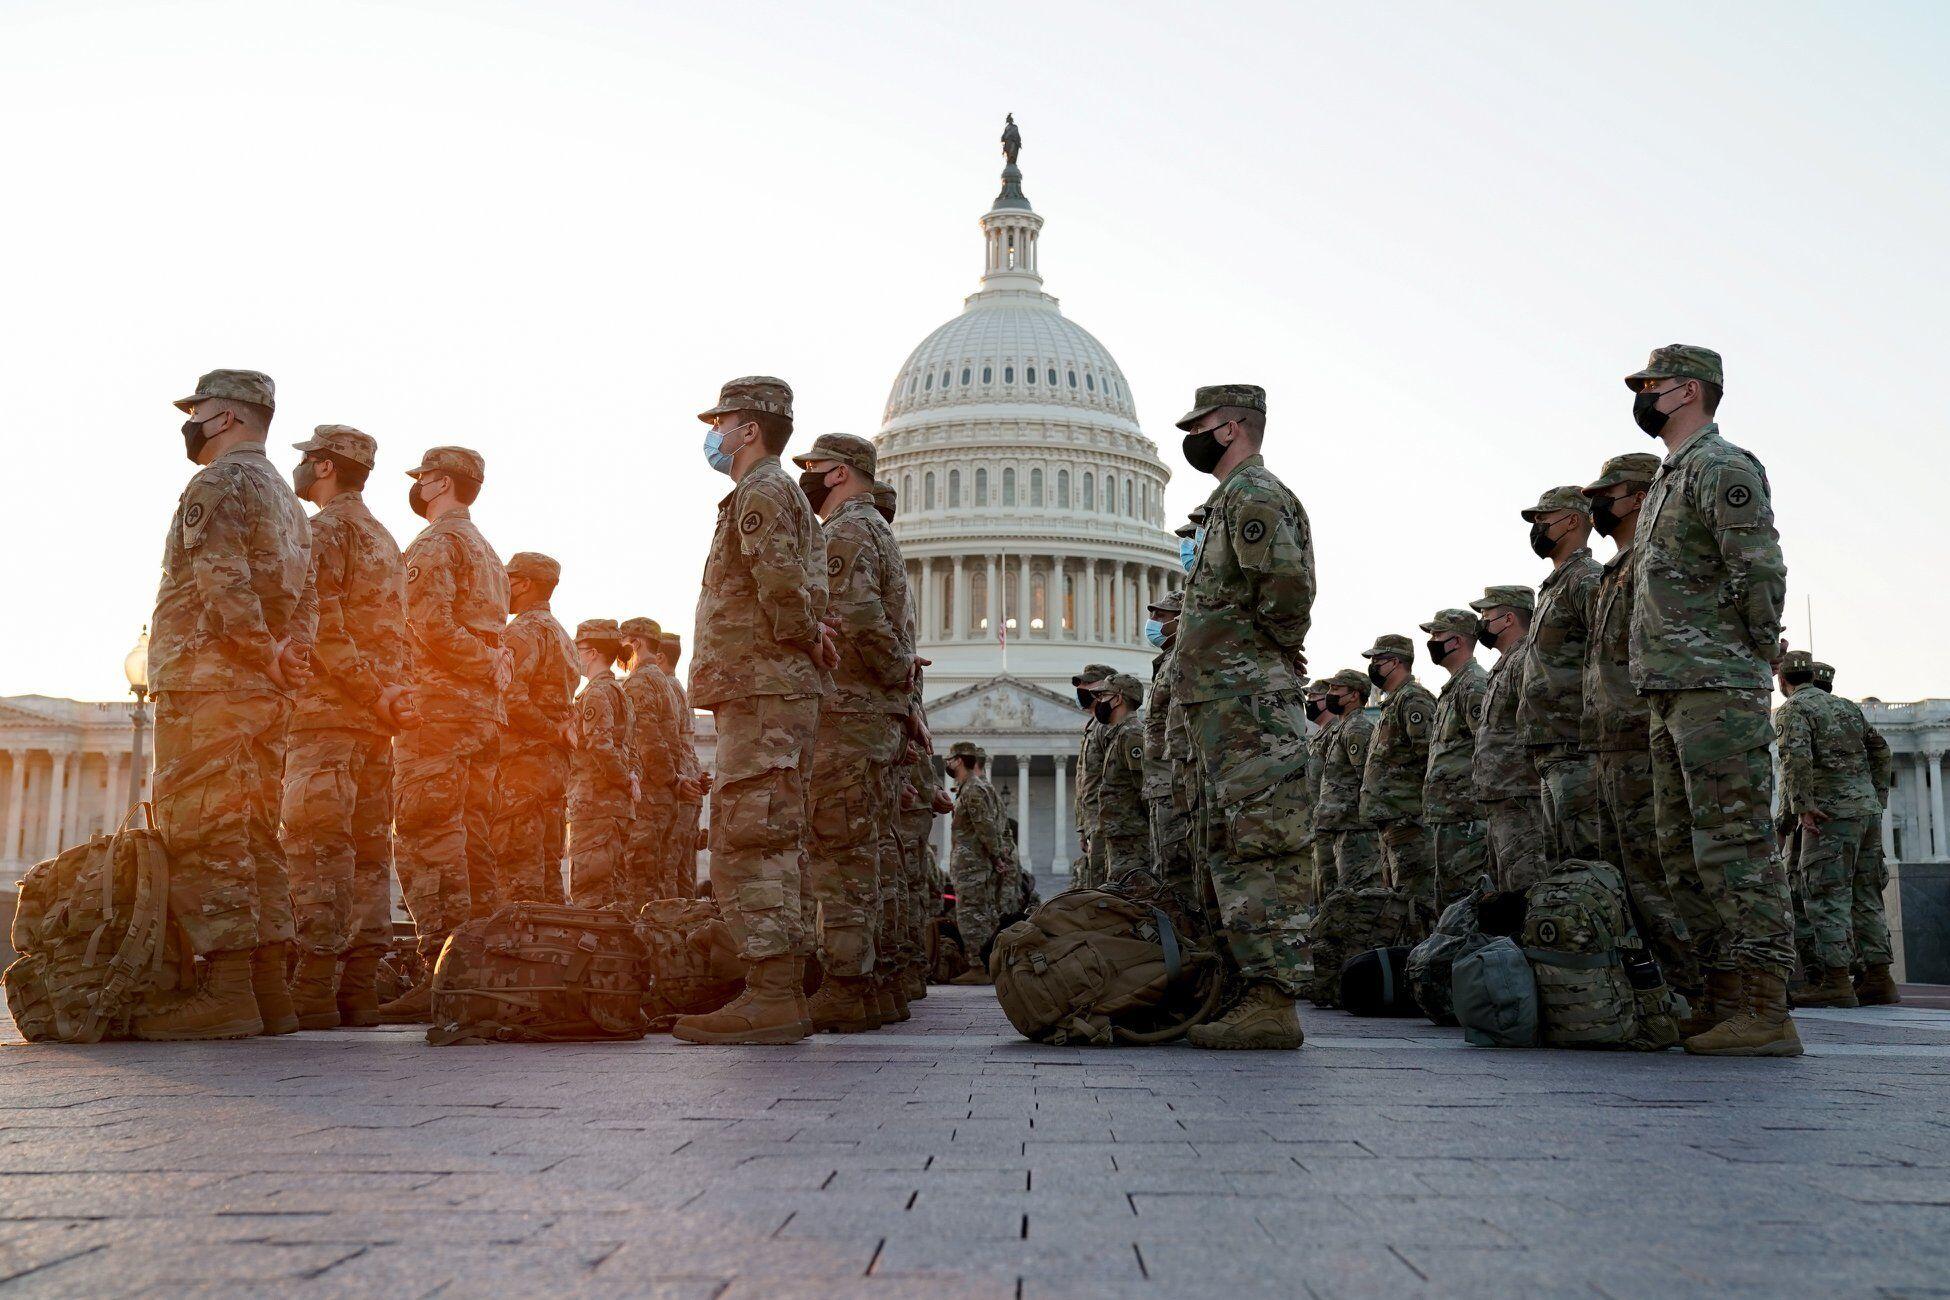 Kênh Aljazeera cho hay, hai quan chức Mỹ cho biết, từ ngày 13/1, rất nhiều binh sỹ trong số 10.000 binh sĩ Vệ binh Quốc gia đang tiến vào thủ đô Washington để giúp đảm bảo an ninh cho khu vực trước lễ nhậm chức của Tổng thống đắc cử Joe Biden.